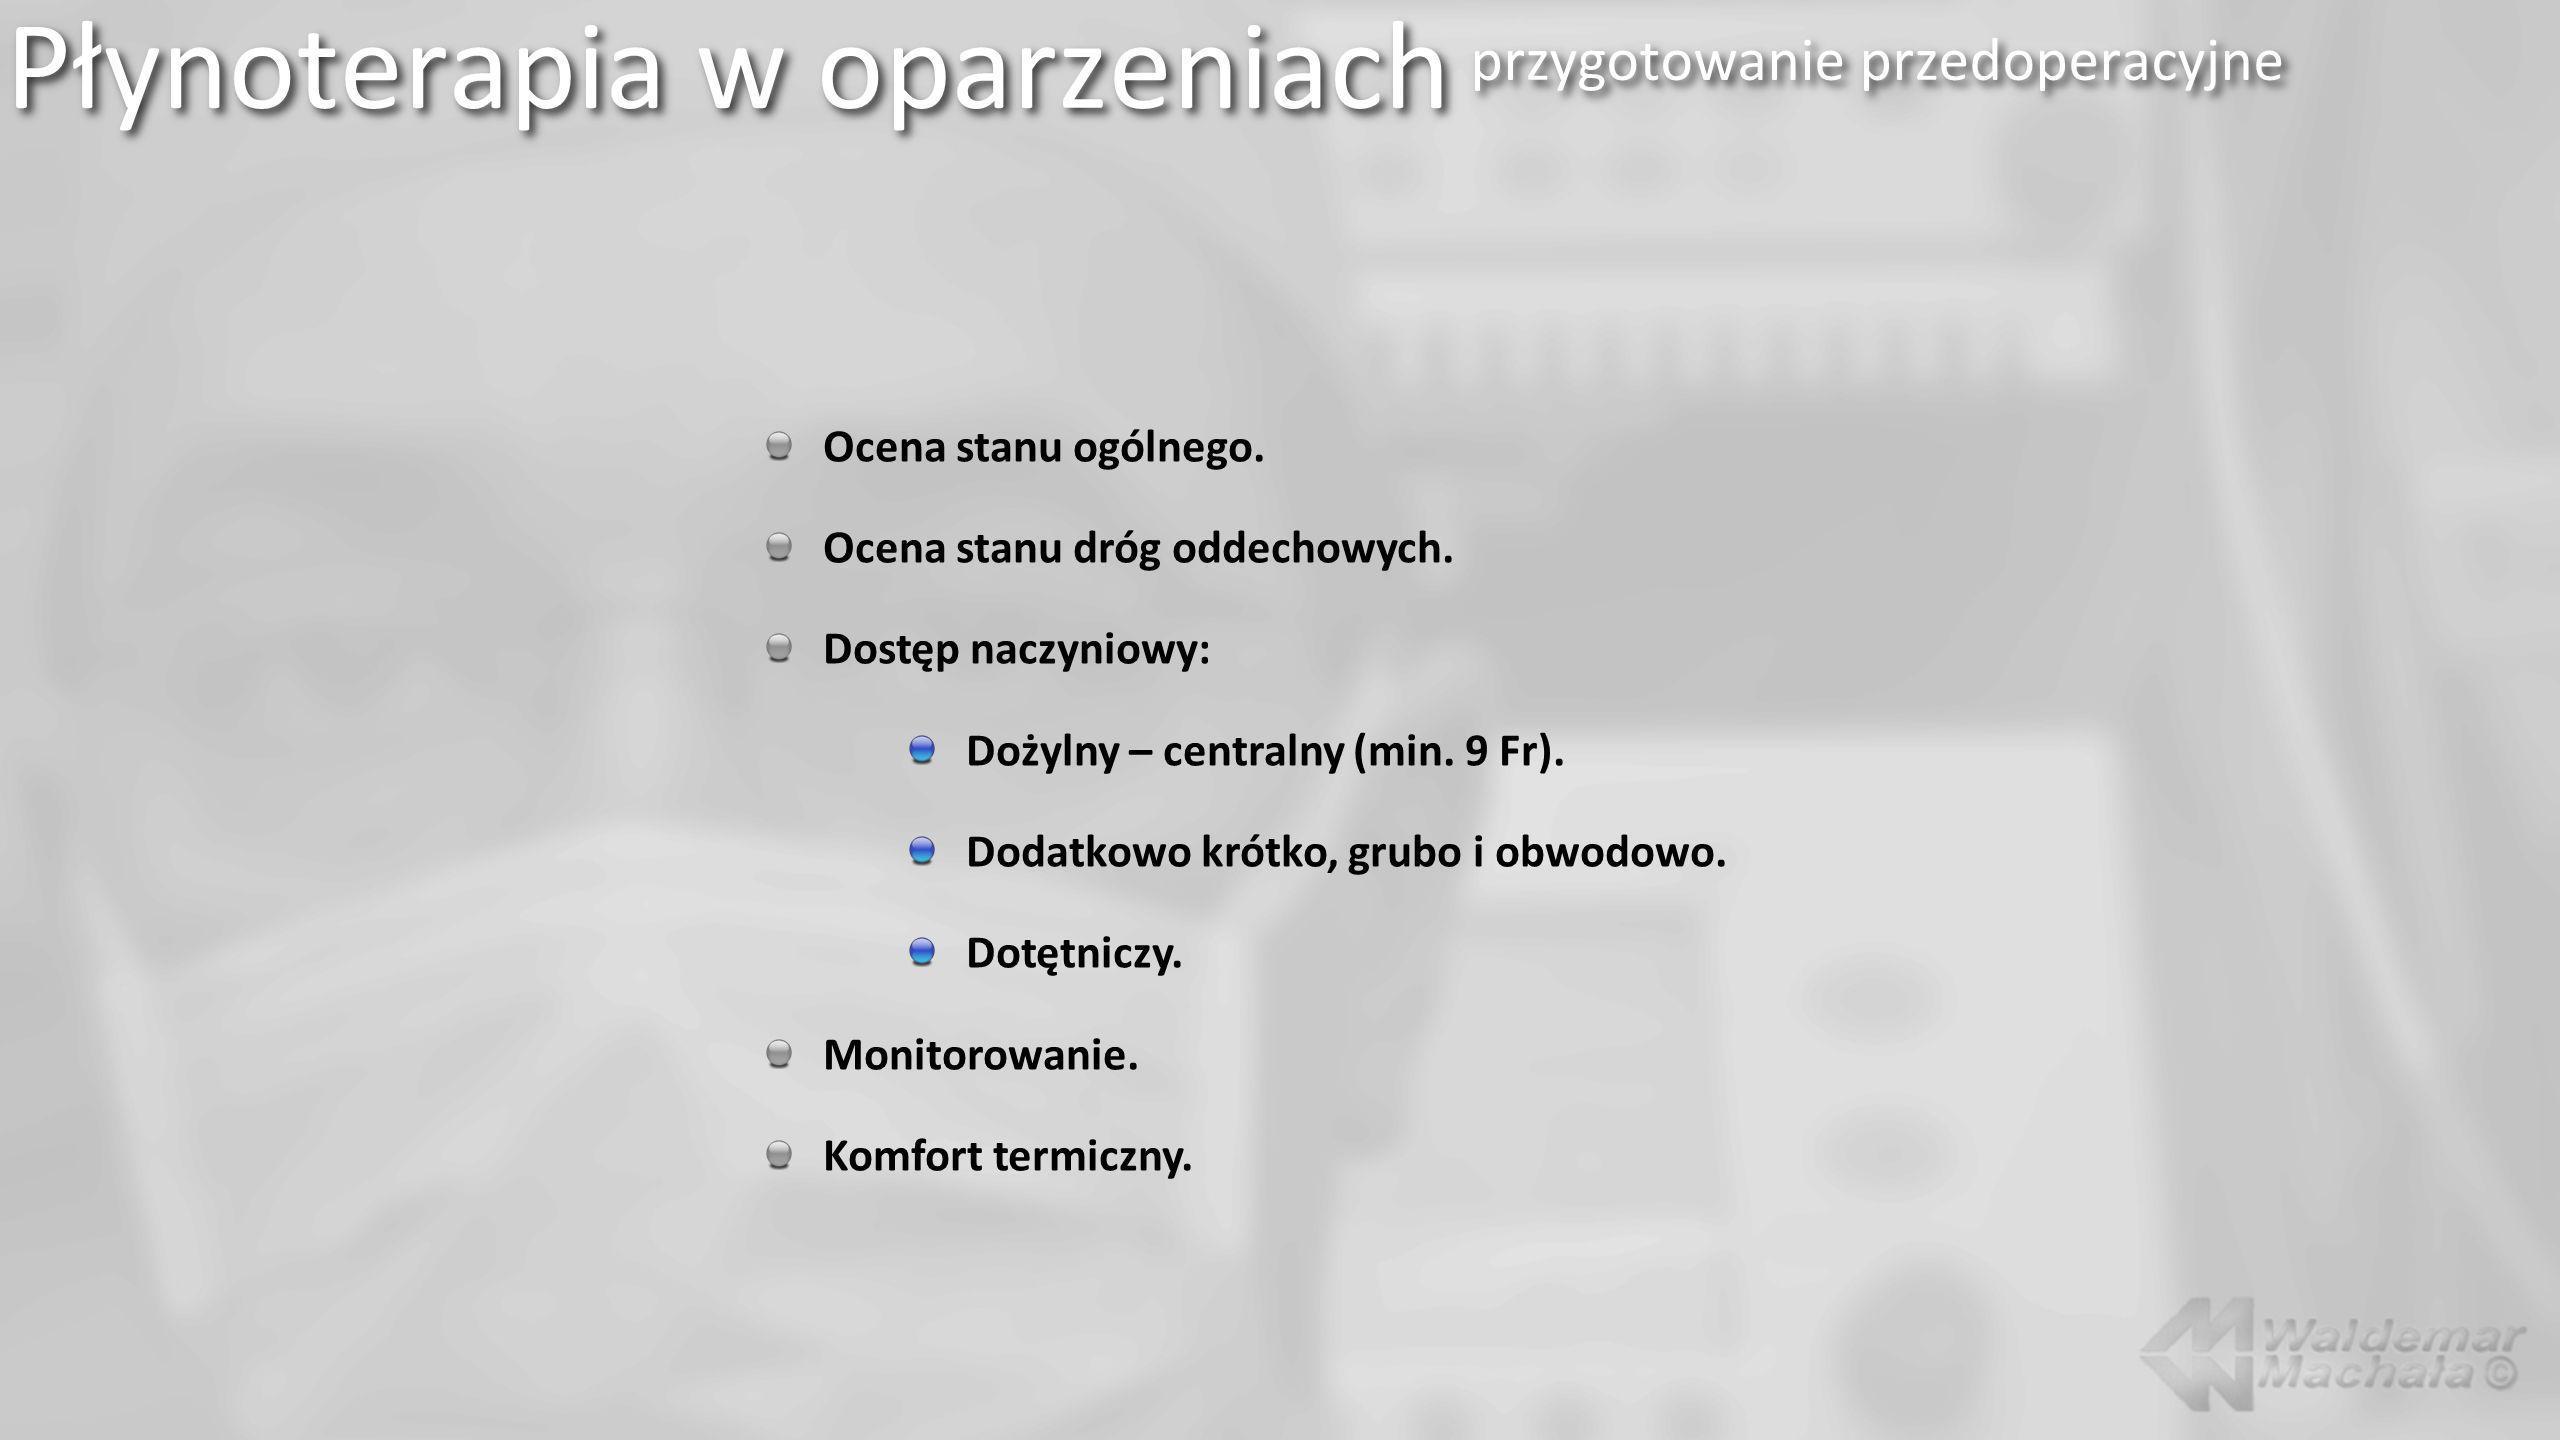 Płynoterapia w oparzeniach przygotowanie przedoperacyjne Ocena stanu ogólnego.